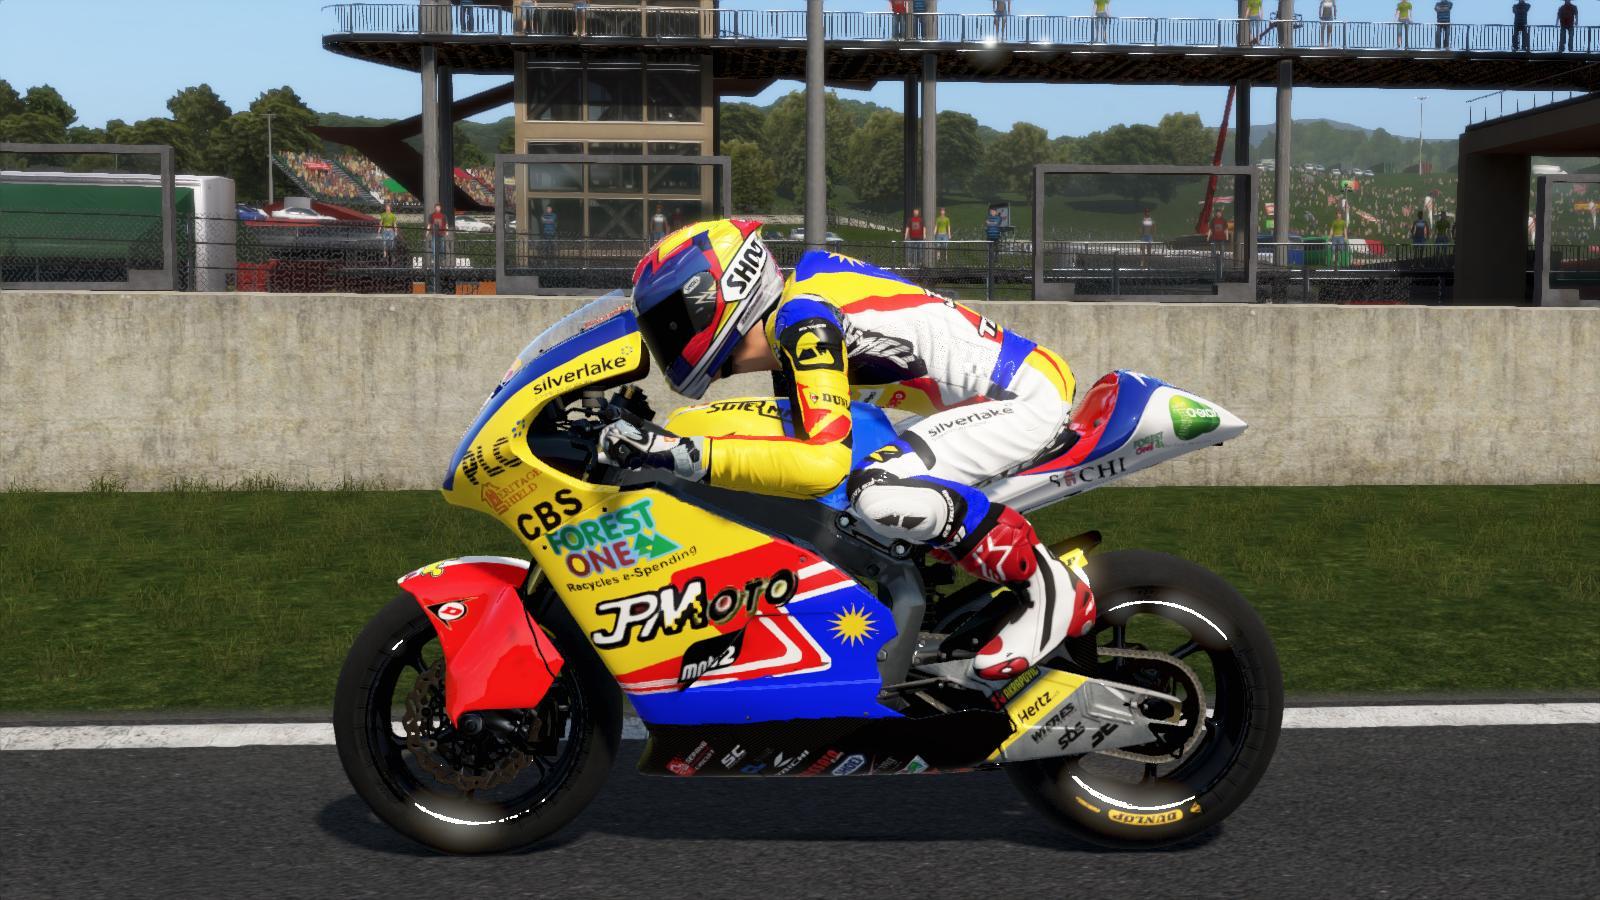 MotoGP14 2015-06-04 17-52-27-88.jpg